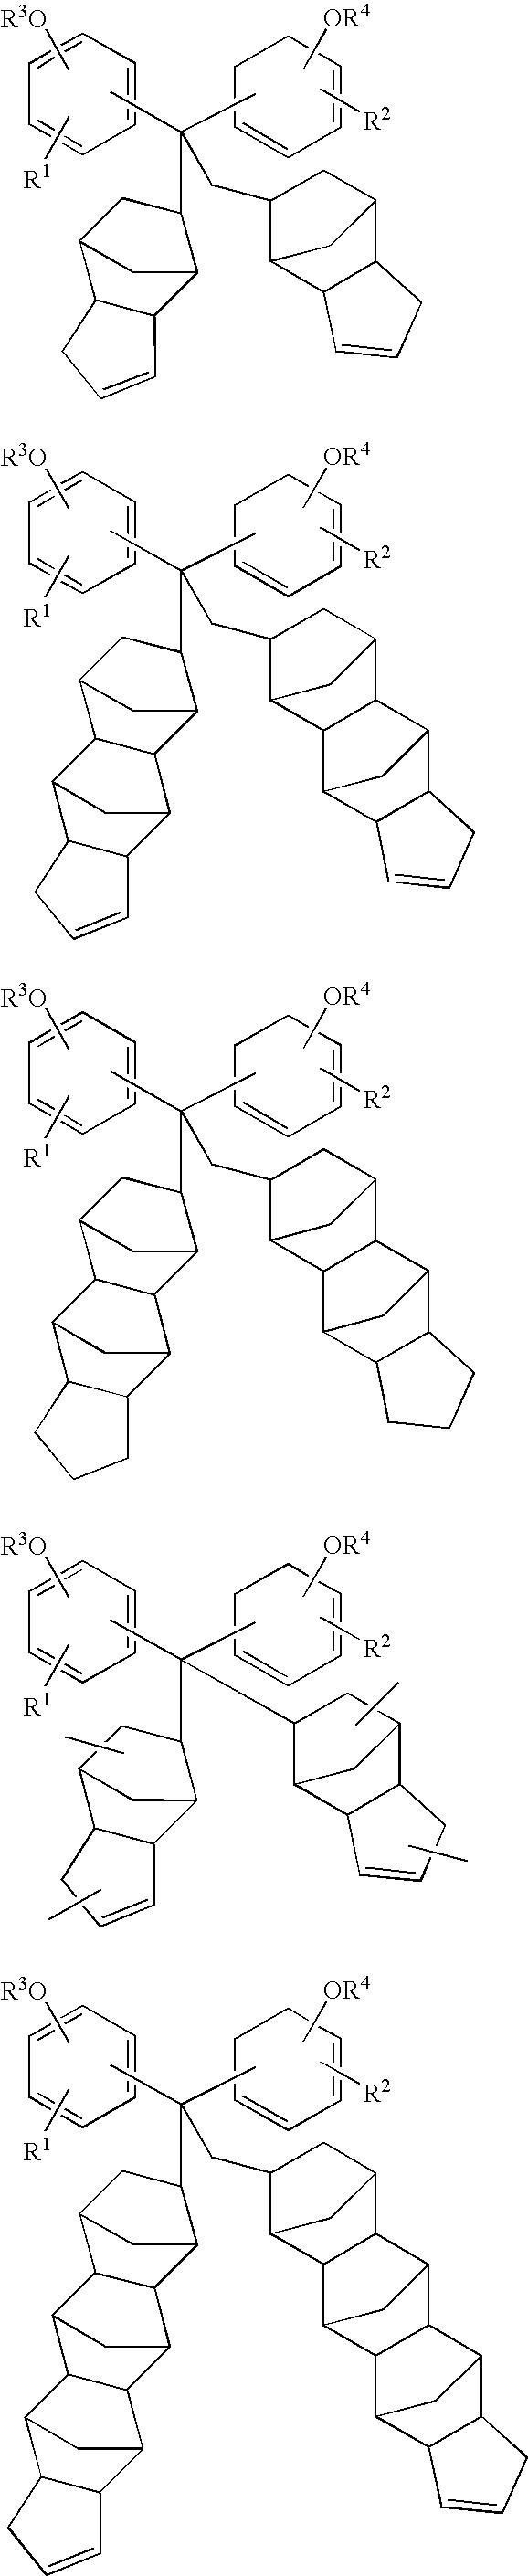 Figure US20070275325A1-20071129-C00006